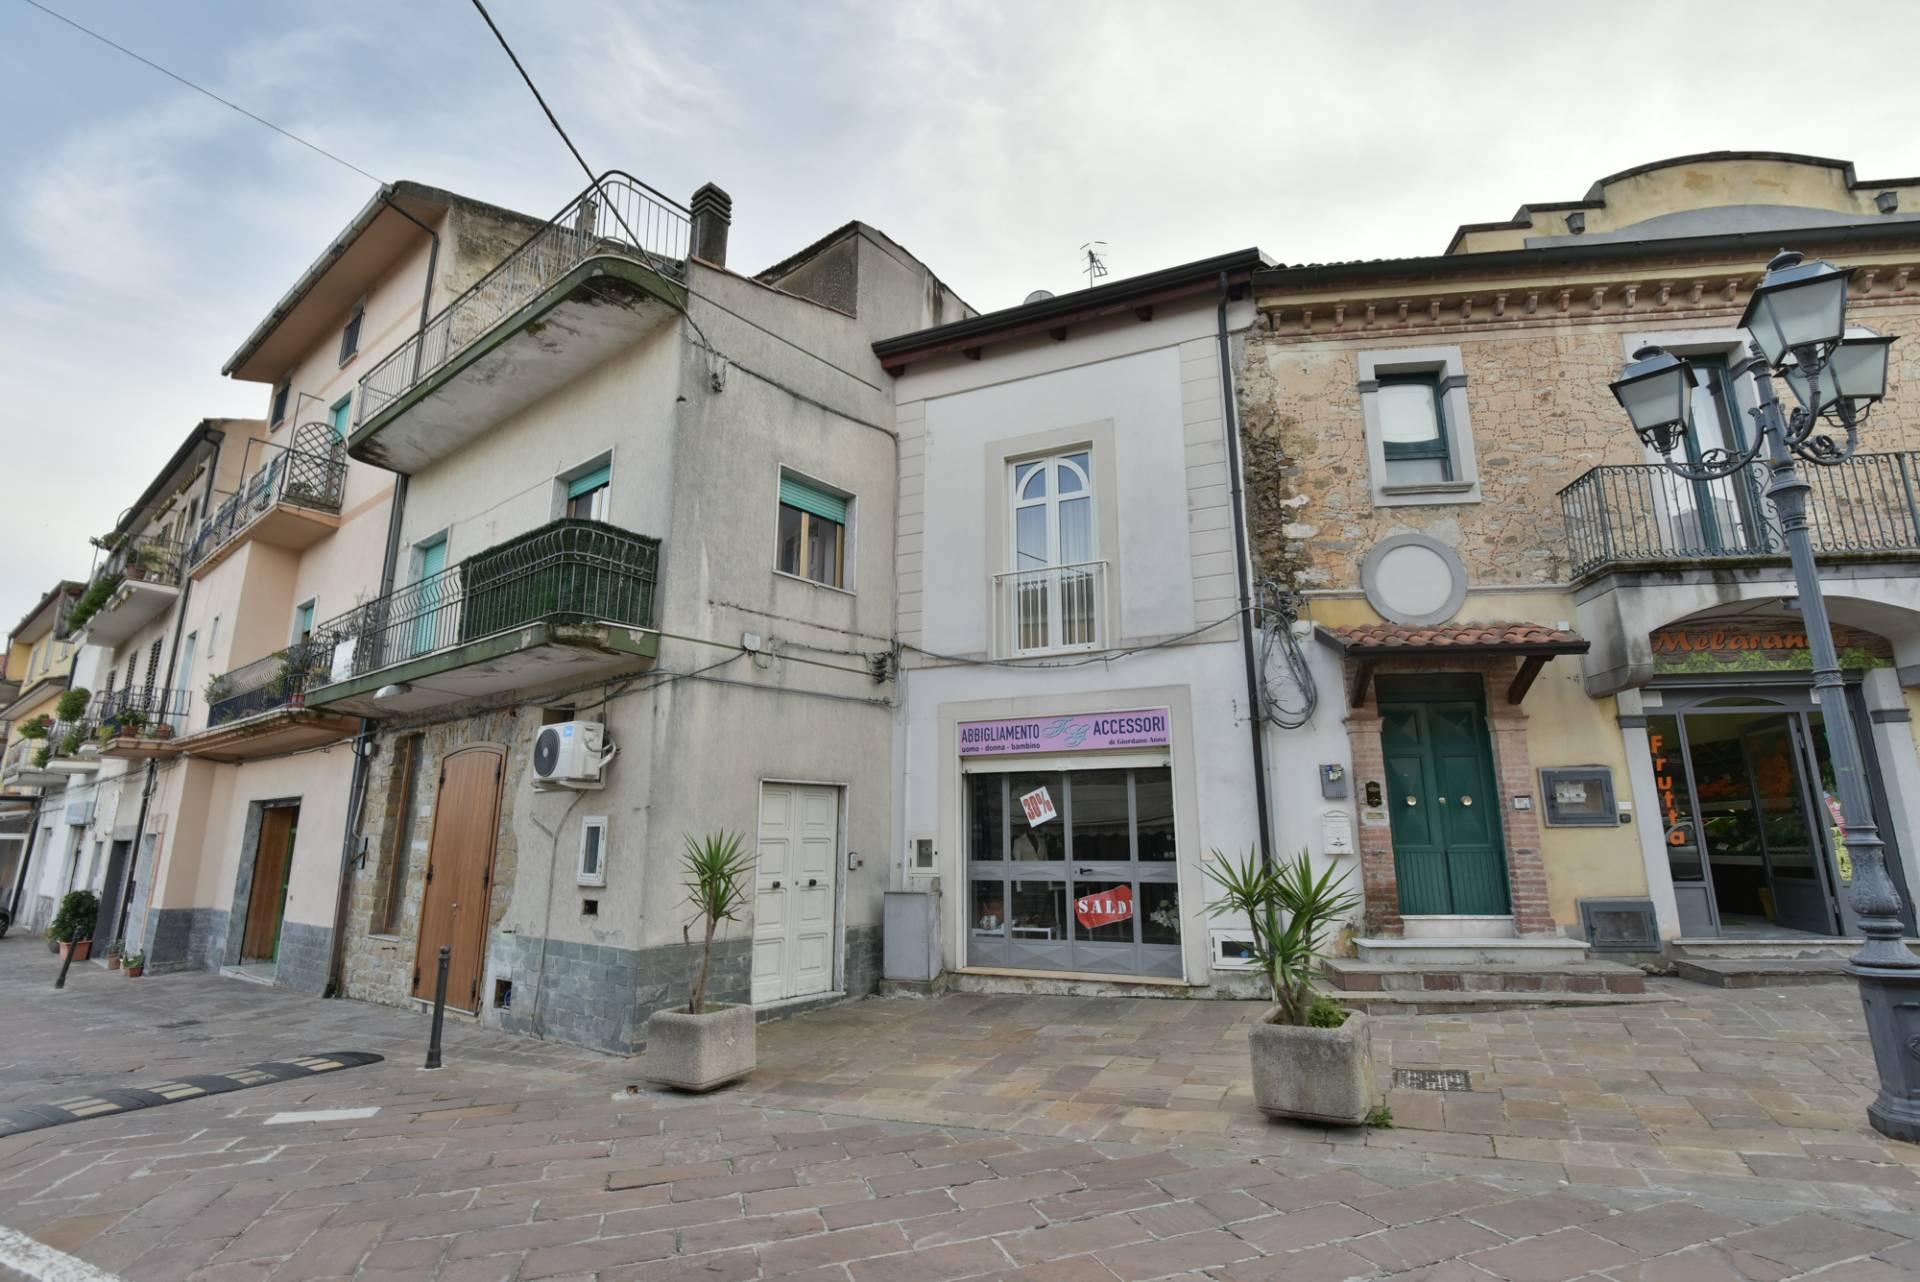 Negozio / Locale in vendita a Torchiara, 9999 locali, prezzo € 60.000 | CambioCasa.it